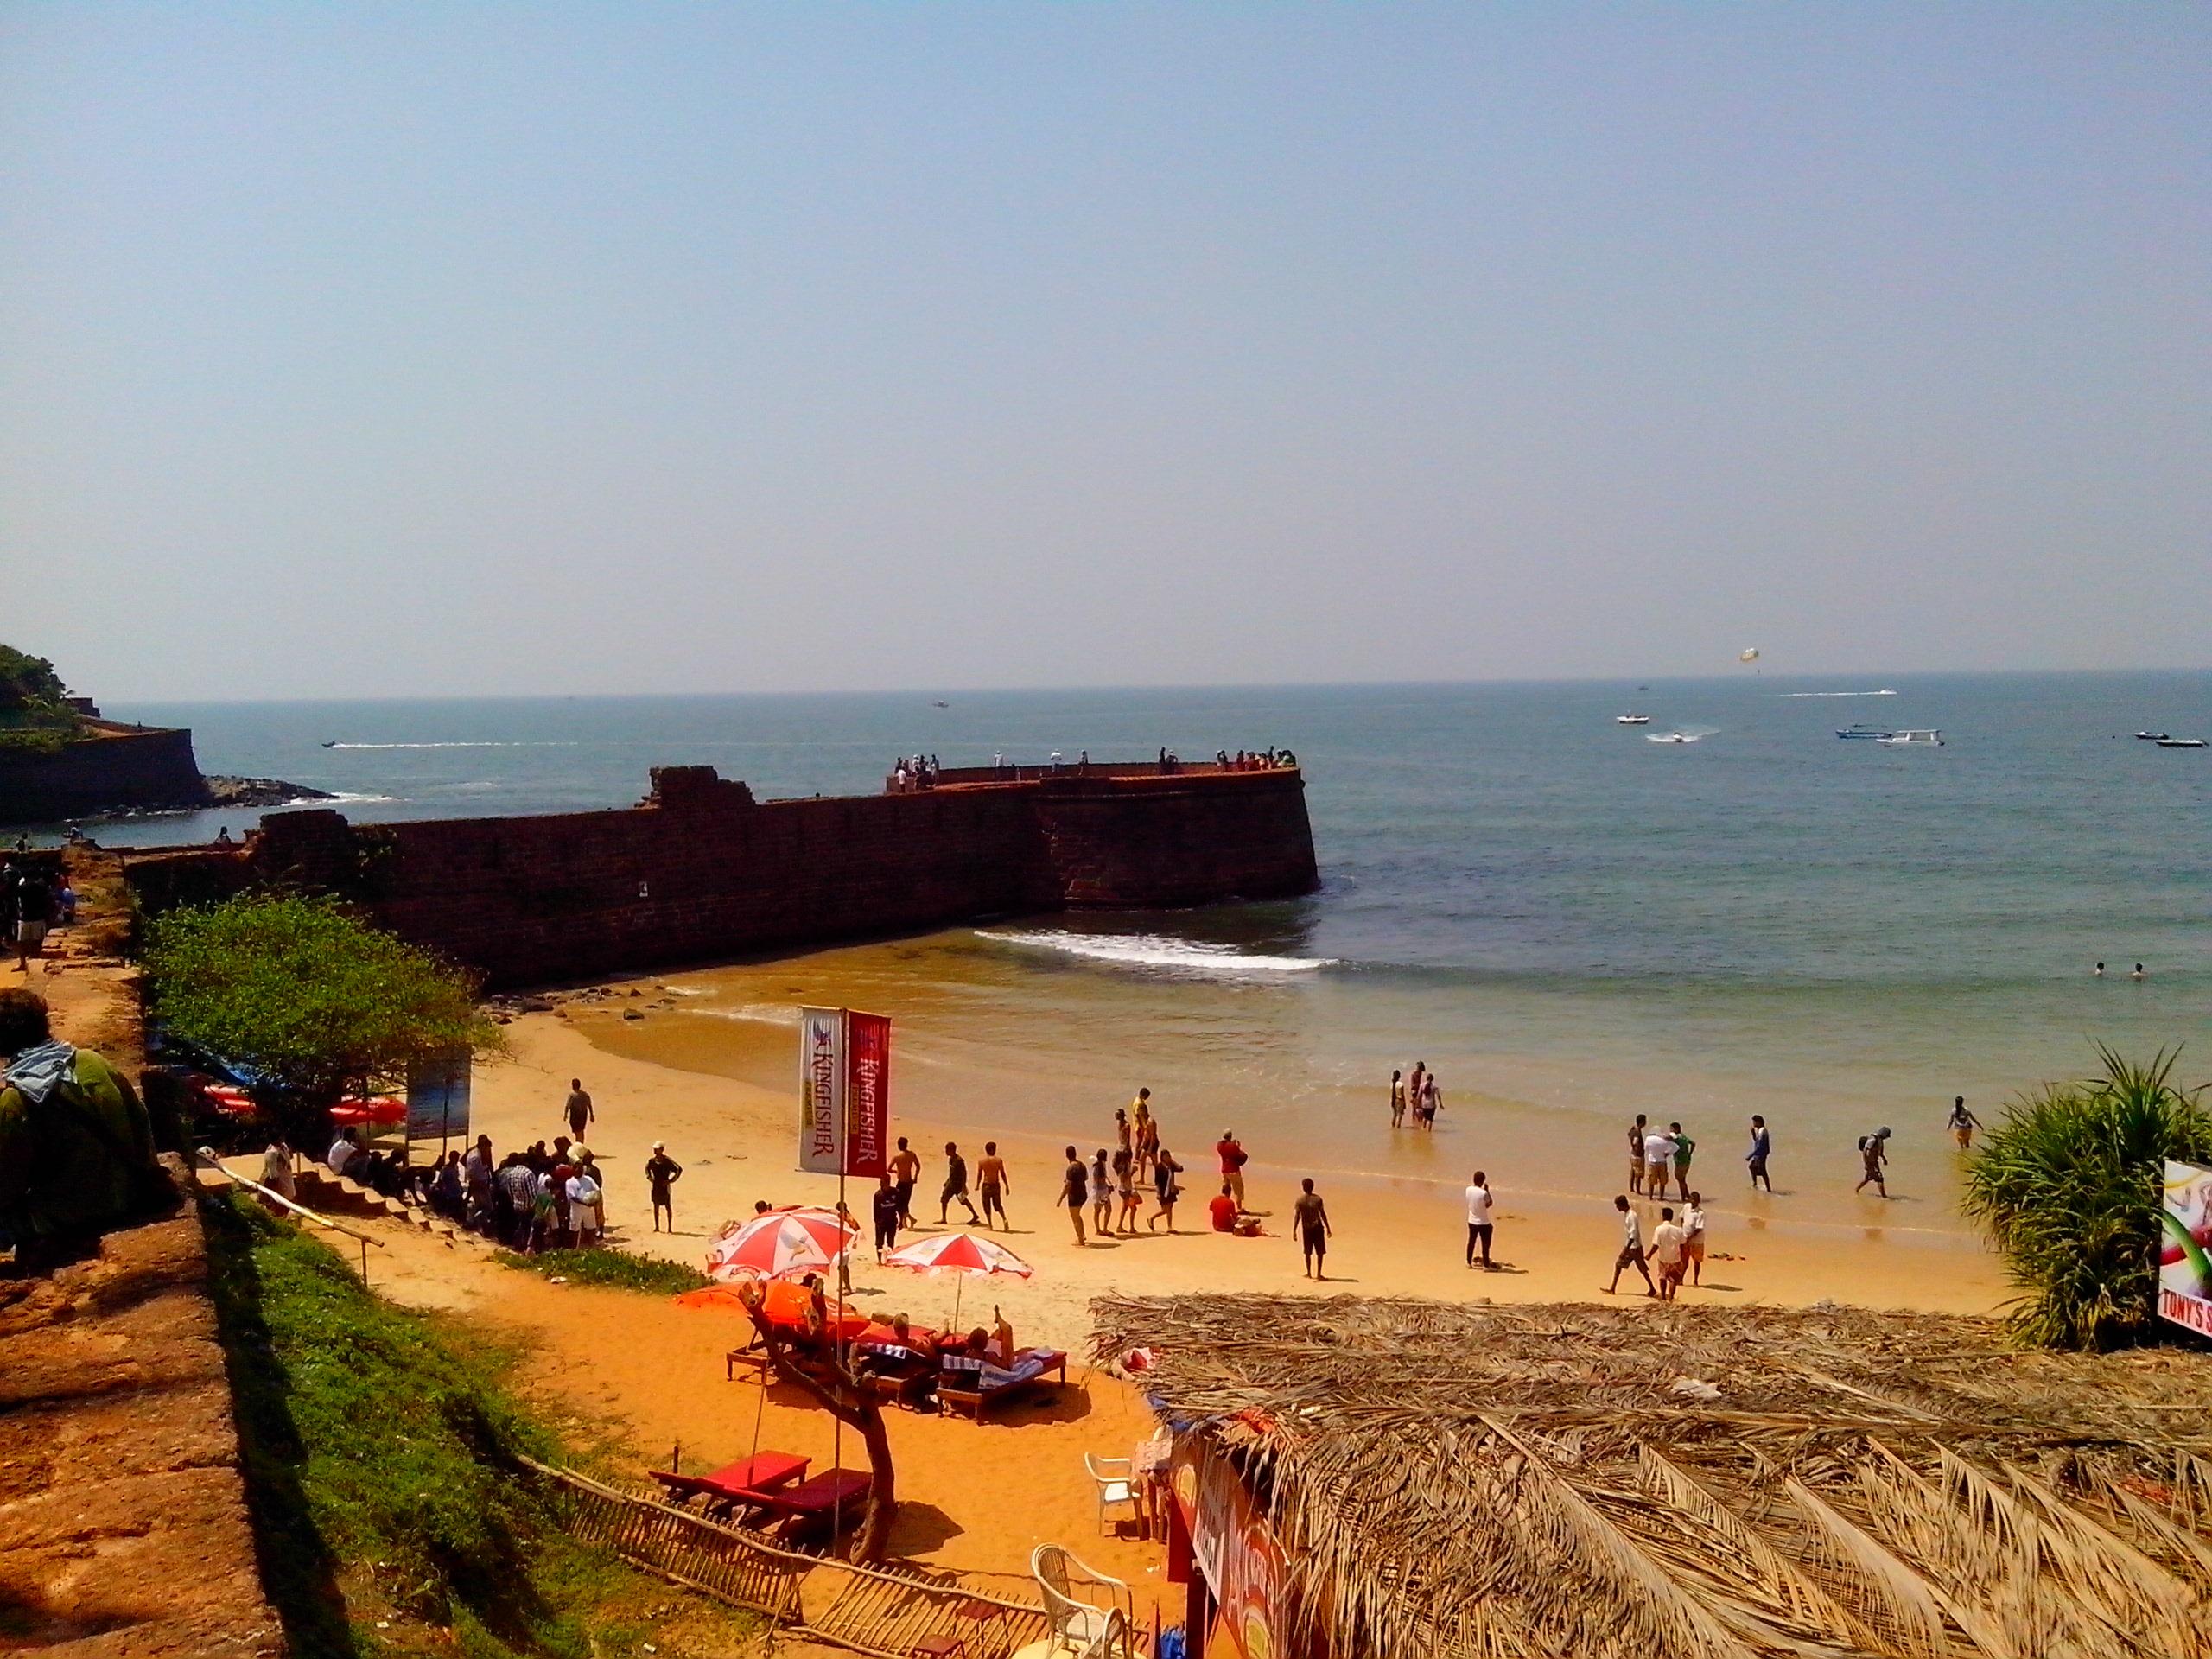 пляж бага гоа индия фото продажа